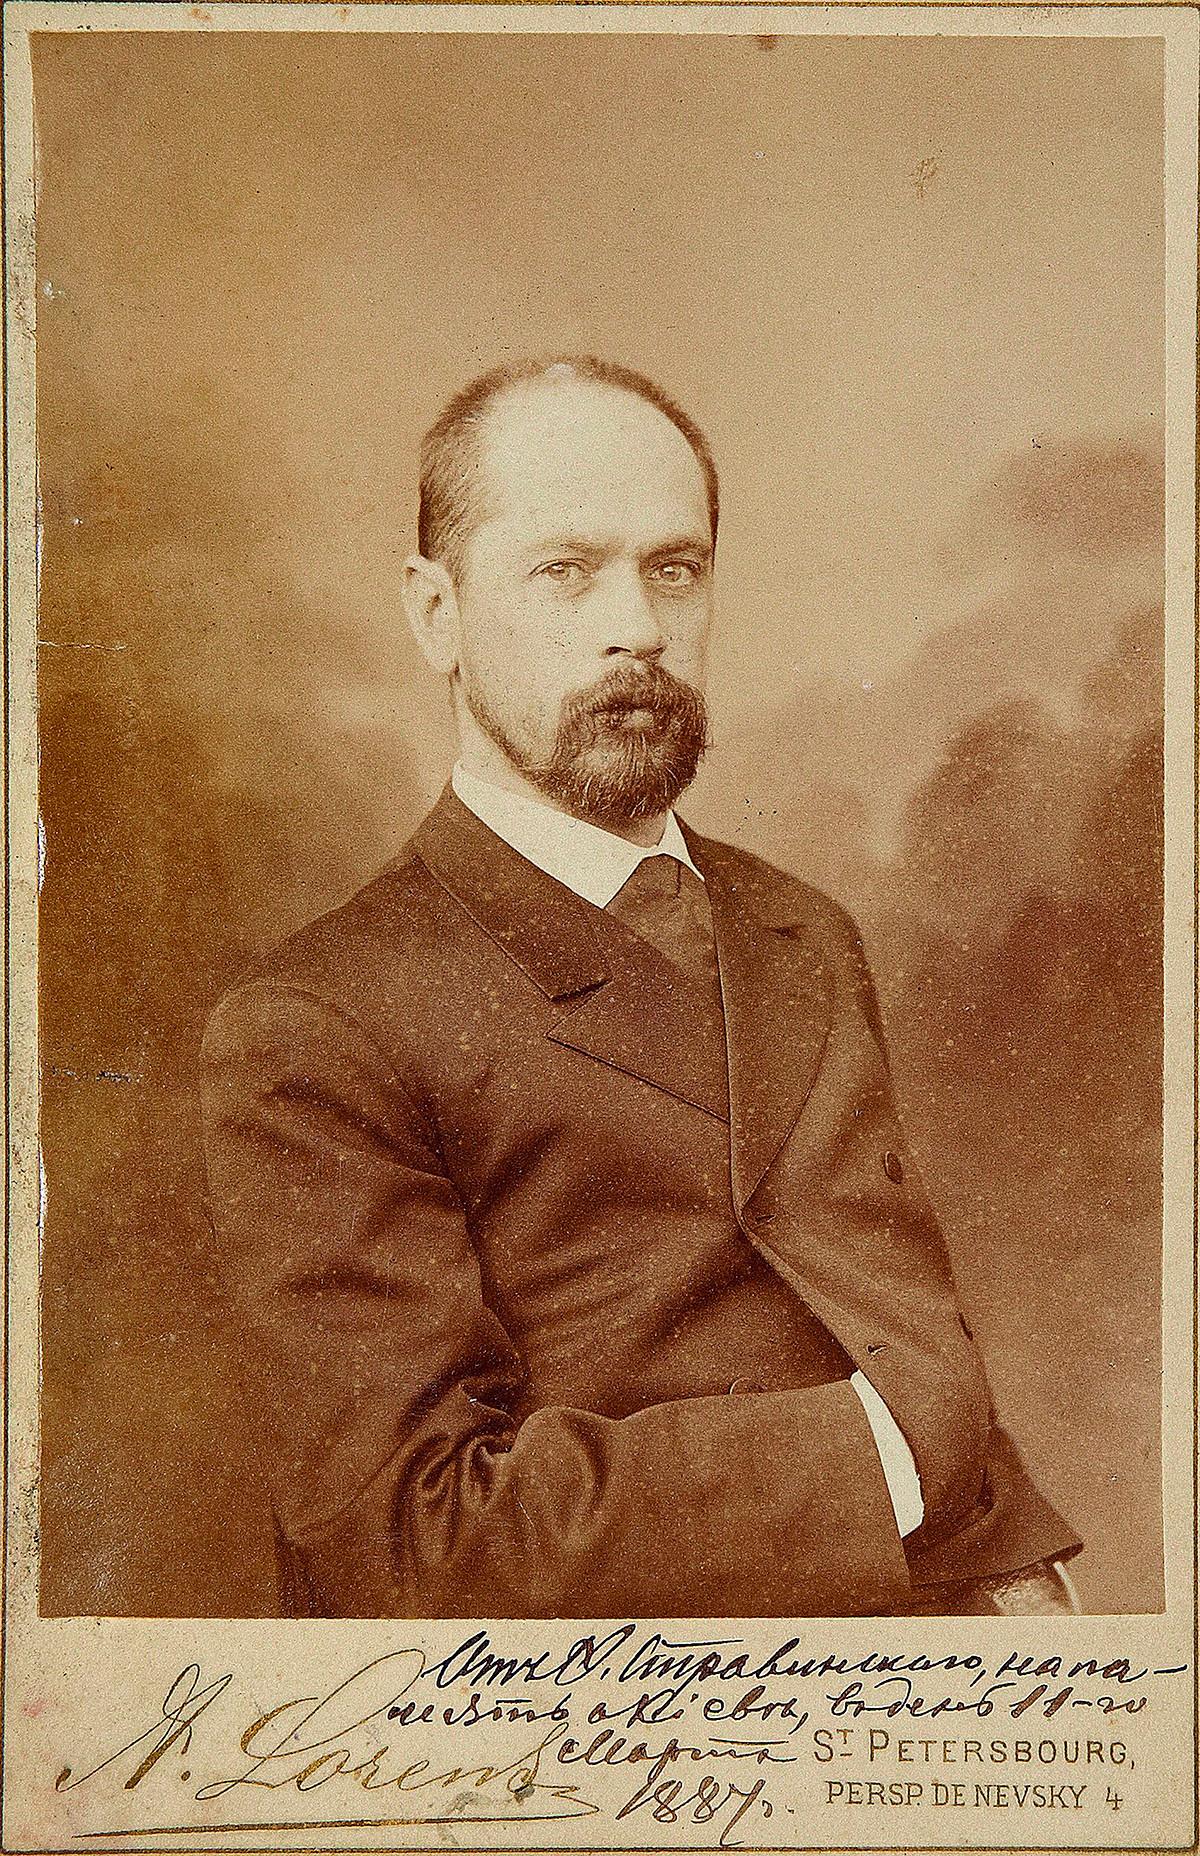 Fjodor Strawinsky